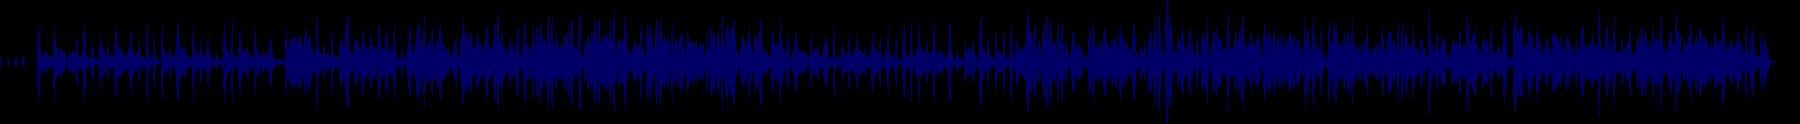 waveform of track #70056